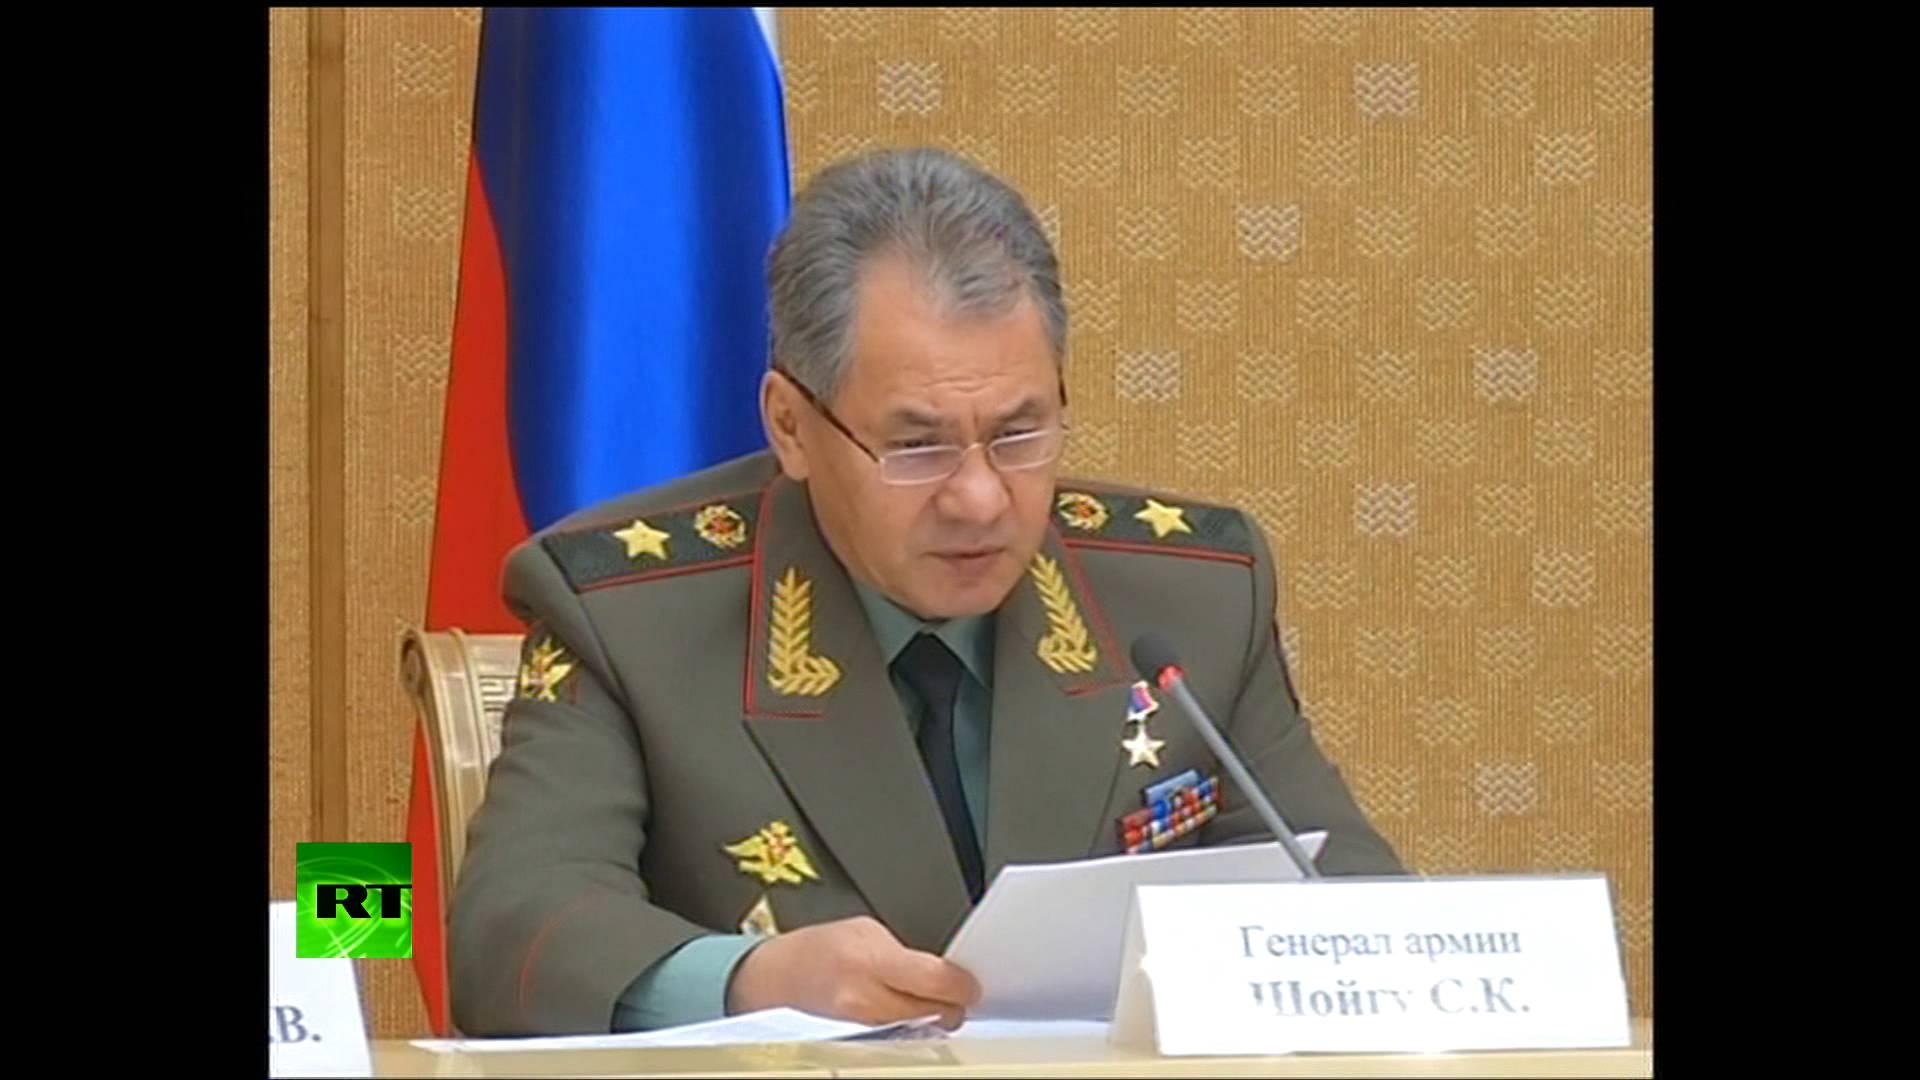 Сергей Шойгу: США и ЕС спровоцировали отстранение от власти законного президента Украины